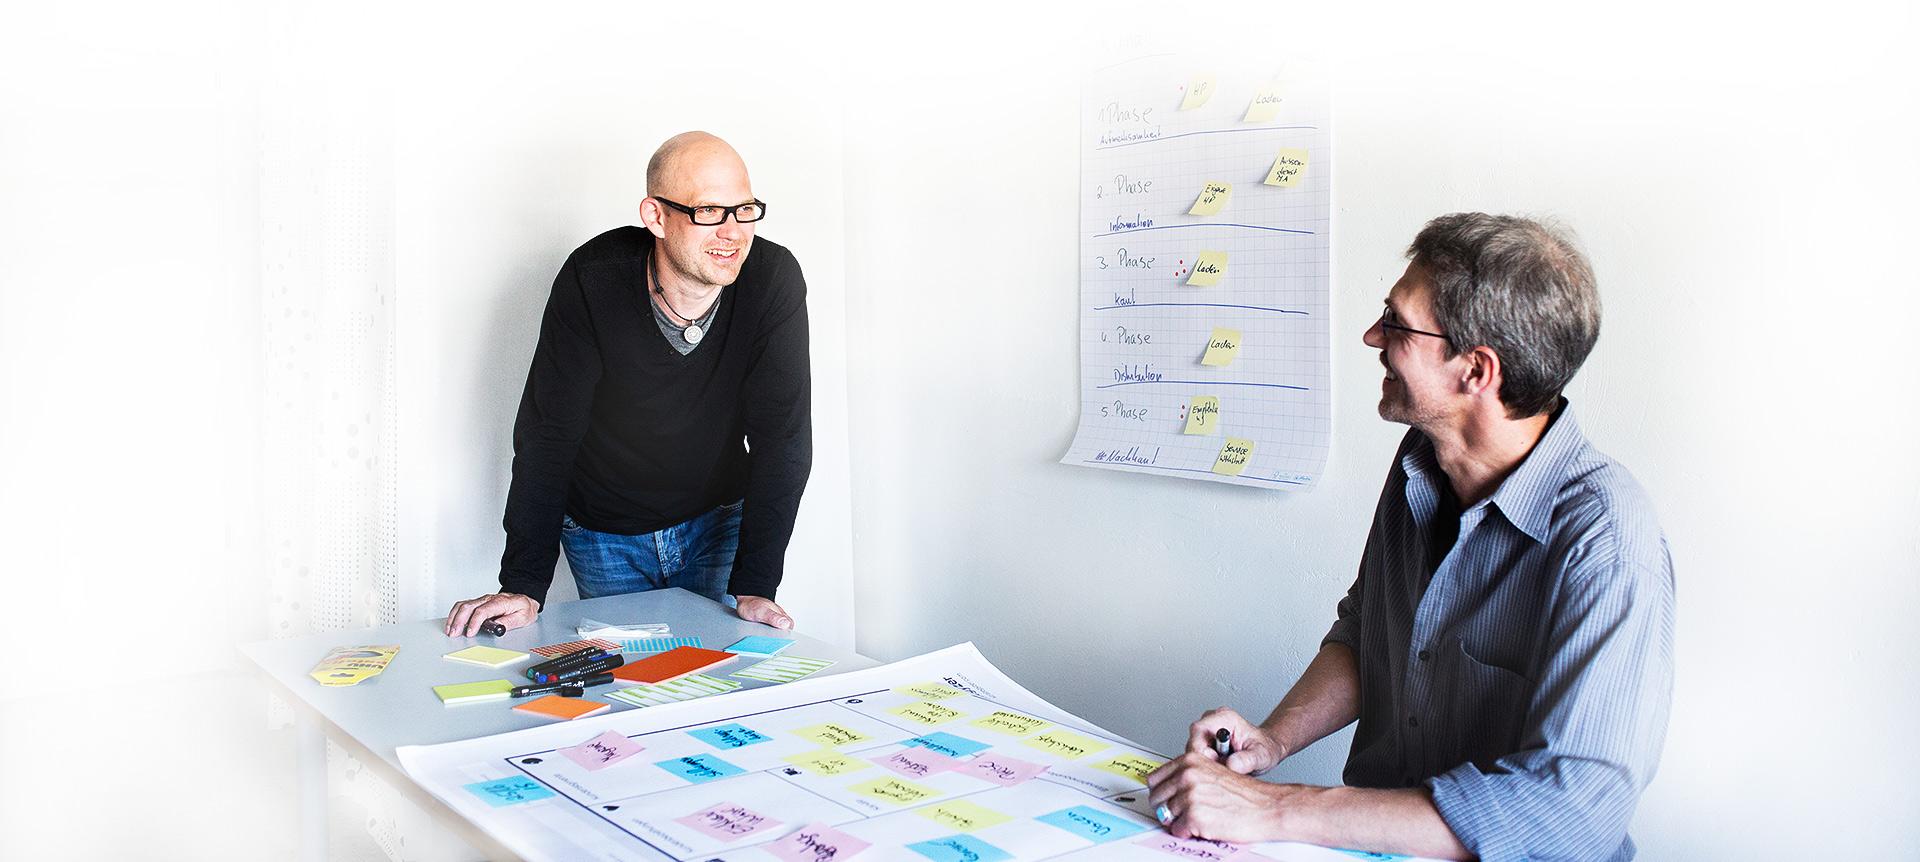 Unternehmensentwicklung in Köln mit Oberwasser Consulting